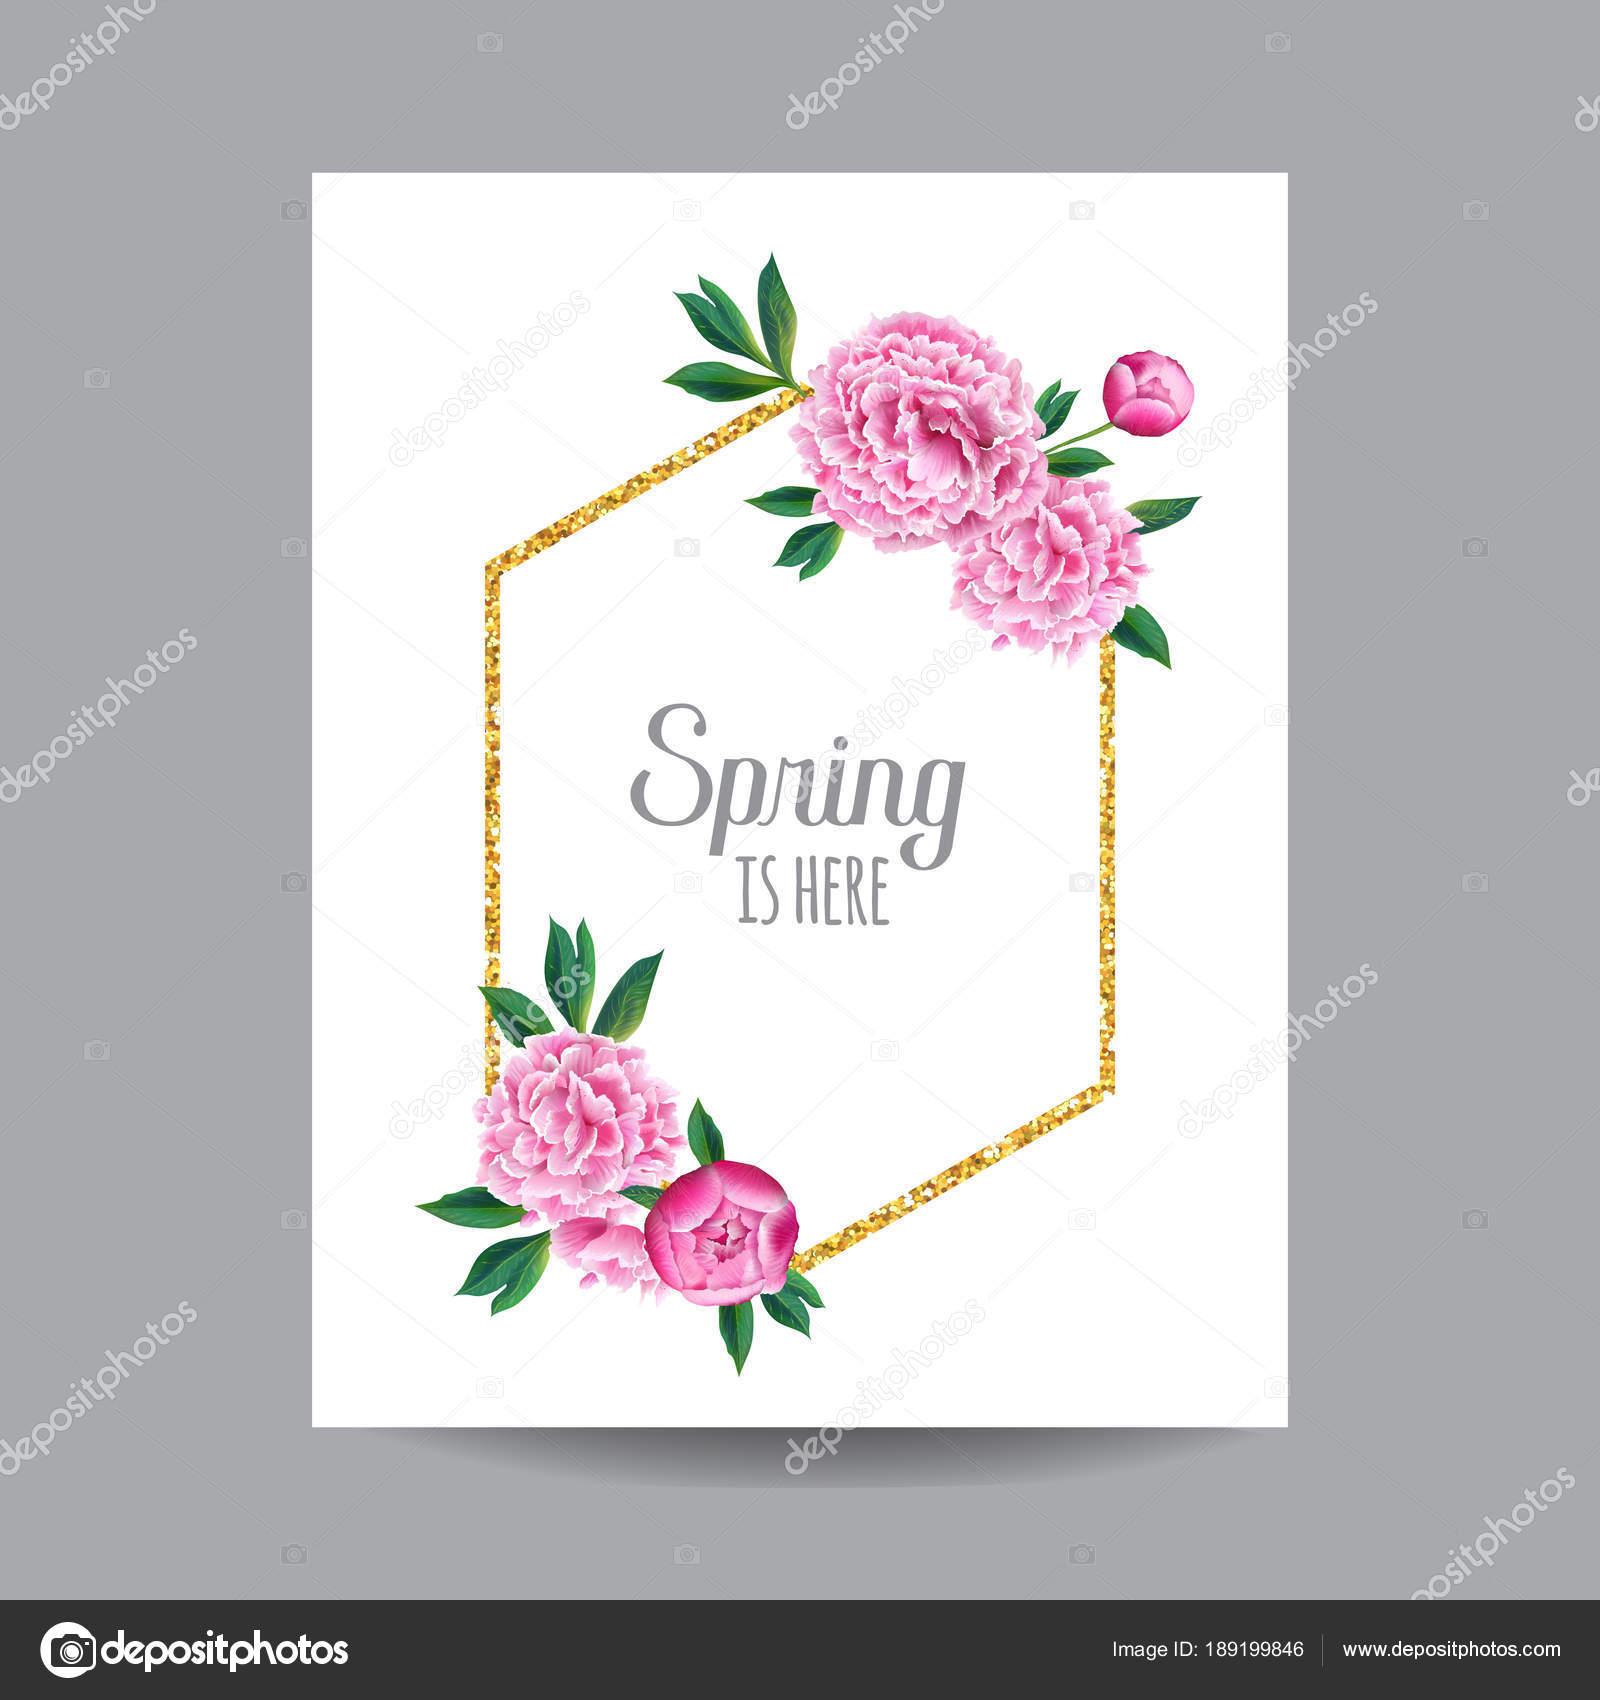 Blühender Frühling Und Sommer Blumenmuster Mit Goldrahmen. Aquarell Rosa  Pfingstrose Blumen Für Einladung, Hochzeit